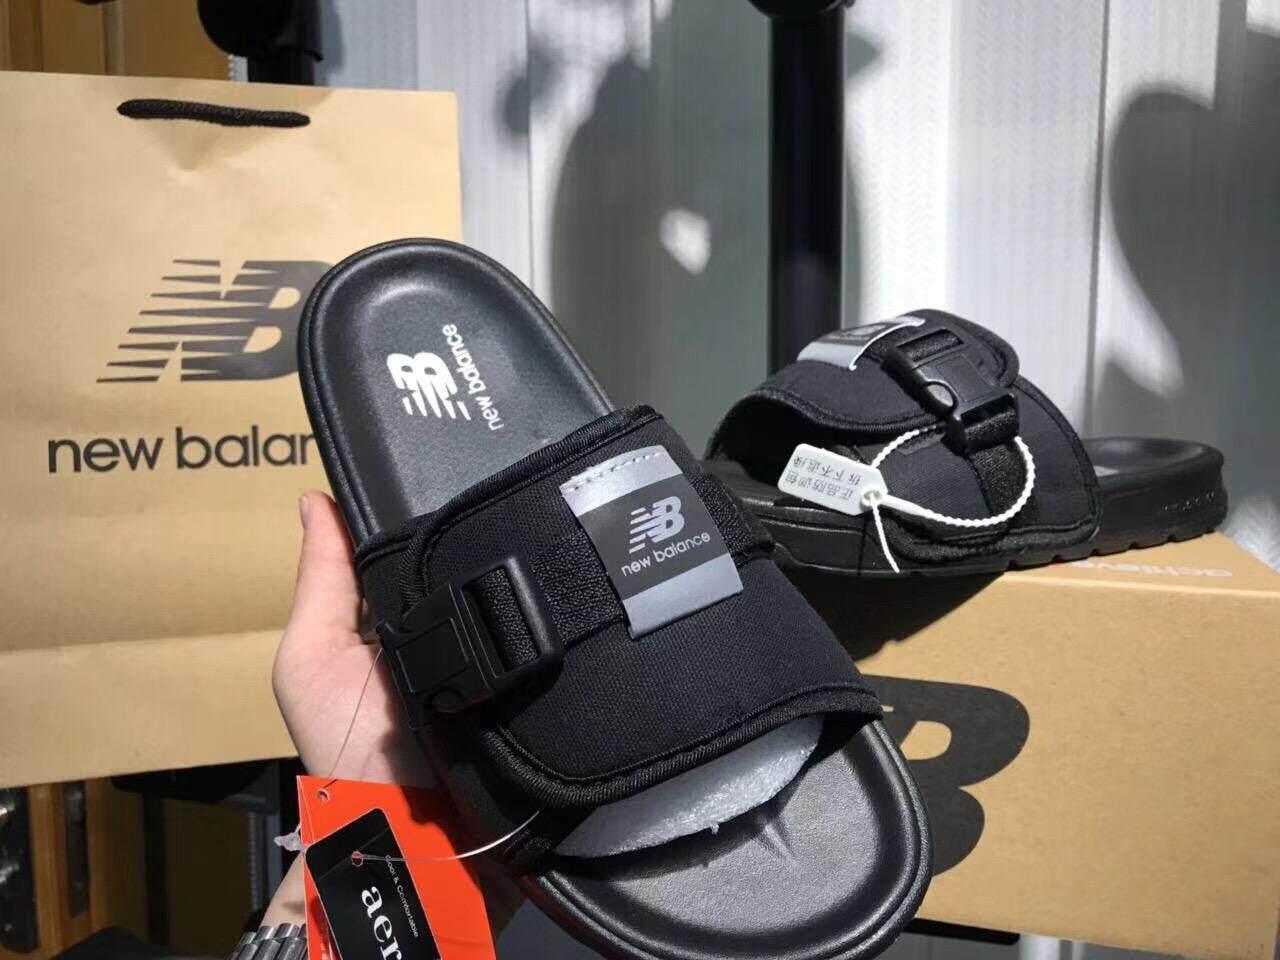 f29e1607d854 2019 NB Men s and Women s Outdoor Beach Sandals Sport Sandals